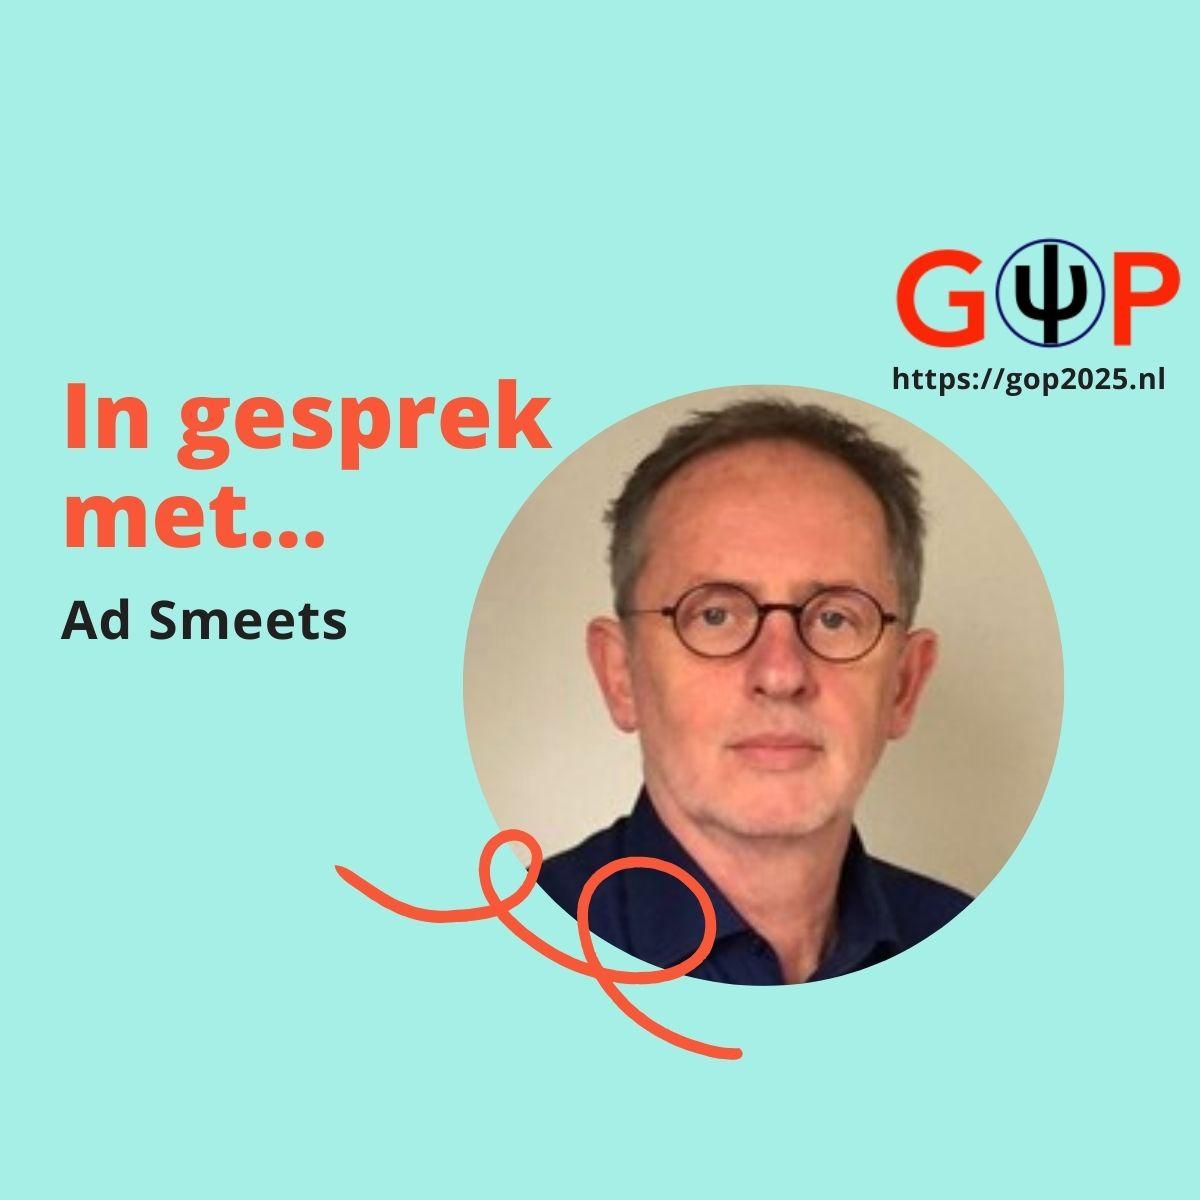 In gesprek met Ad Smeets - Marga Klompé